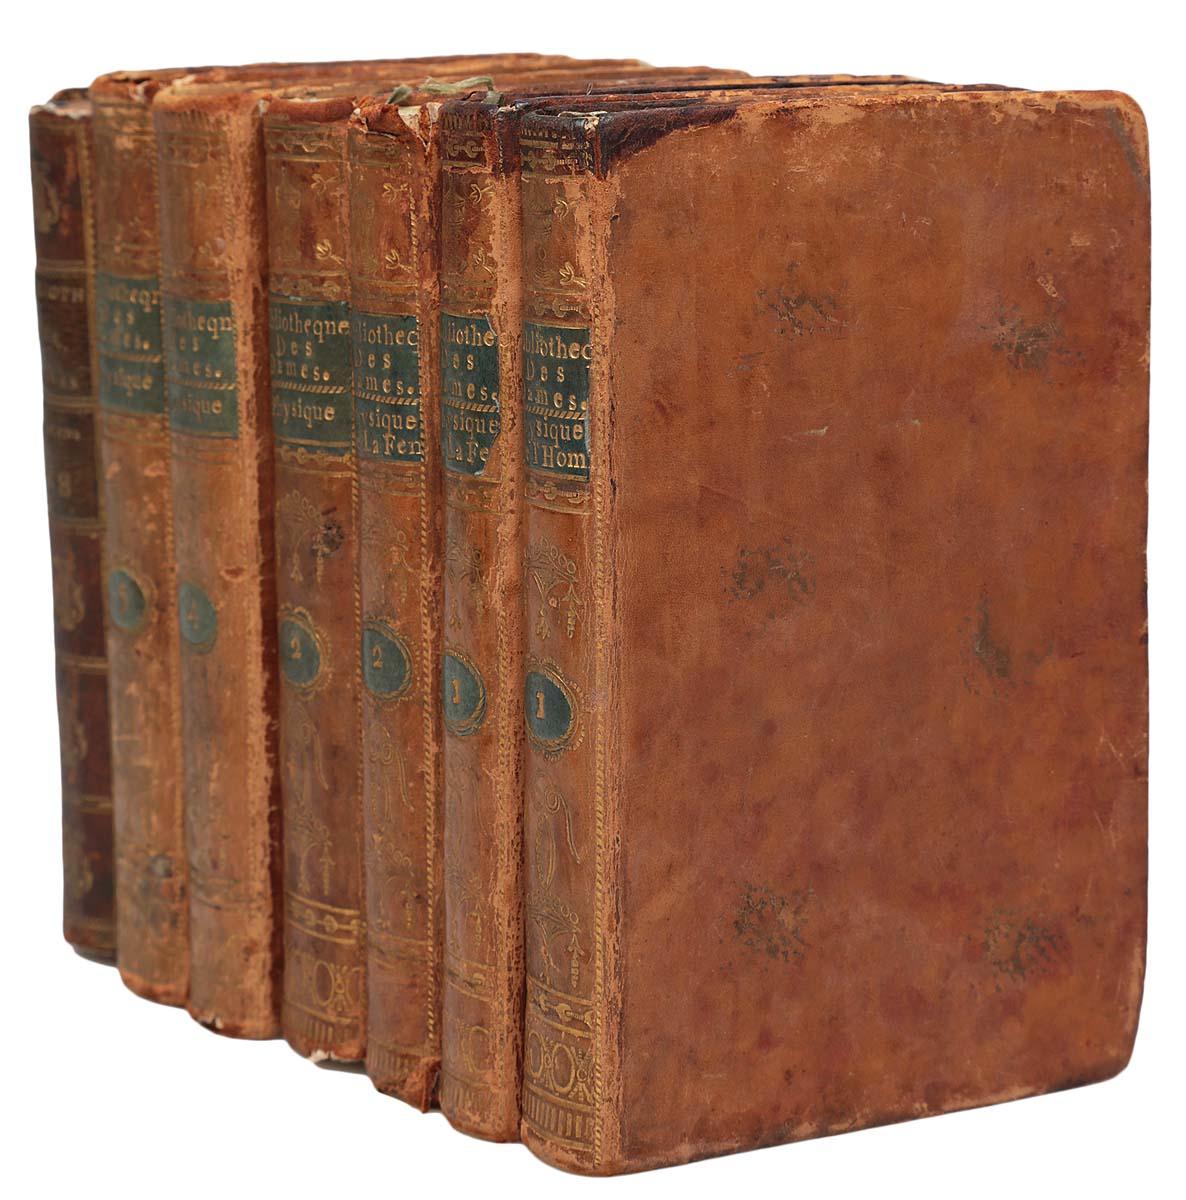 Bibliotheque Universelle Des Dames (комплект из 7 книг)ПК301004_лимонный, салатовыйПариж, 1787-1792 гг. Rue et Hotel Serpente. Владельческие цельнокожаные переплеты с золотым тиснением на корешке. Сохранность хорошая. В серии Универсальная библиотека для дам (1785-1797) вышло около 156 томов. Универсальная библиотека для дам дам была задумана как собрание работ, позволяющее обеспечить общее образование, в легко доступной форме для женщин определенного класса; в серии можно было найти все, что может представлять полезные и нужные знания: путешествия, история, философия, художественная литература, наука и искусство. Издание не подлежит вывозу за пределы Российской Федерации.